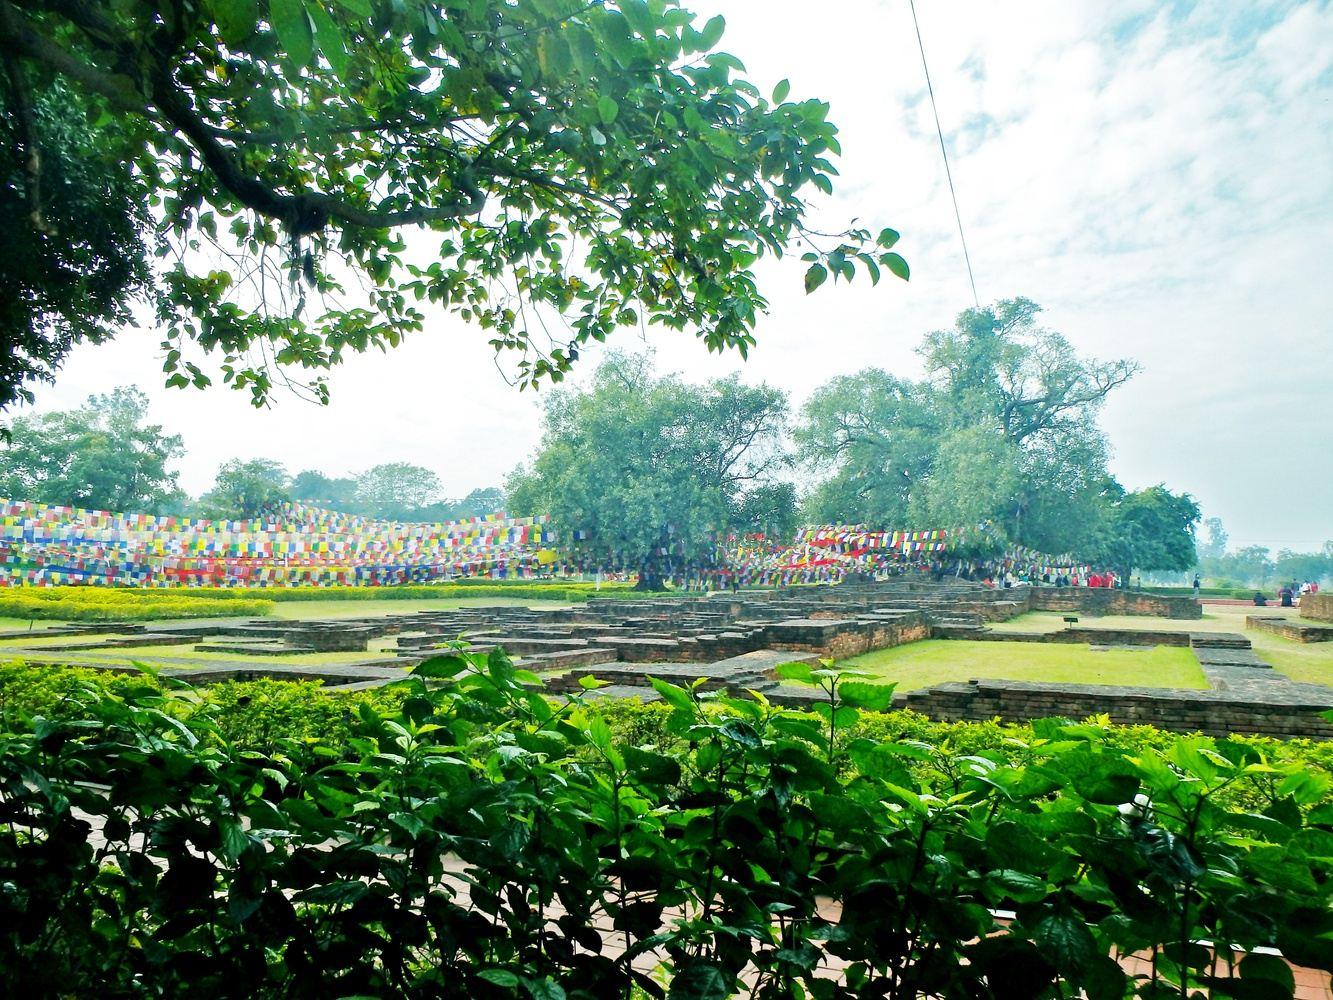 Day trip to Lumbini tour to Buddha birth place in Nepal